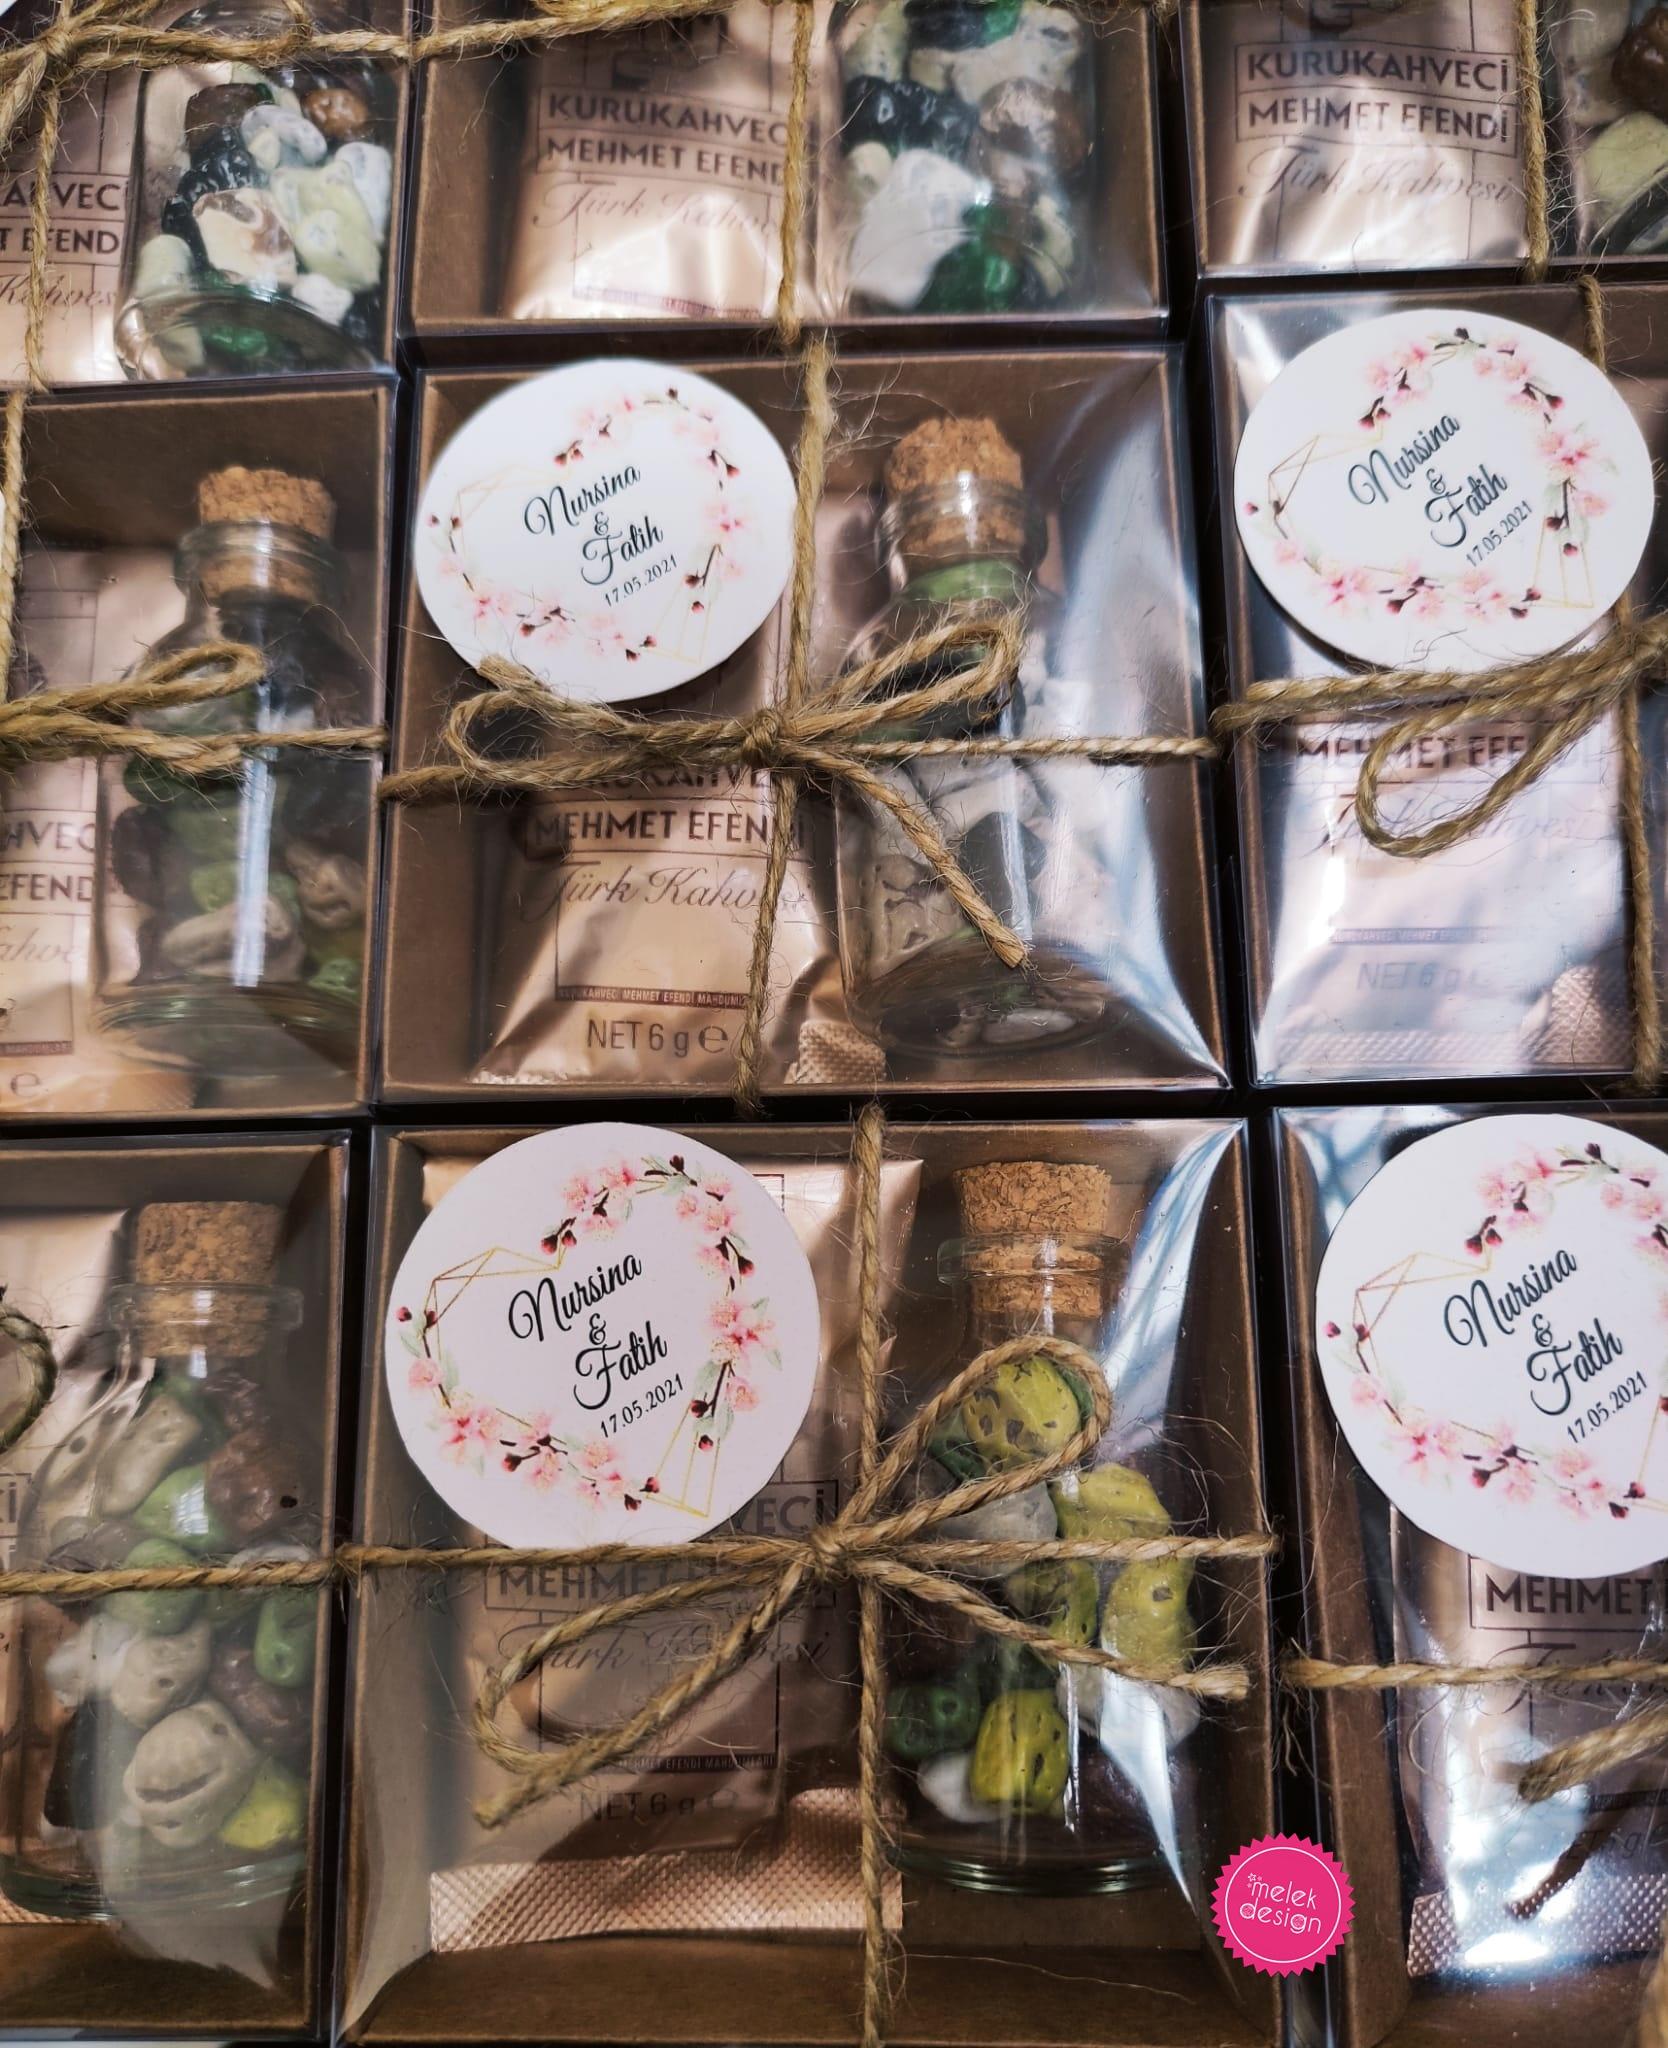 nikah hediyesi, nikah şekeri farklı nikah hediyelikleri, nikah şekeri alternatifleri